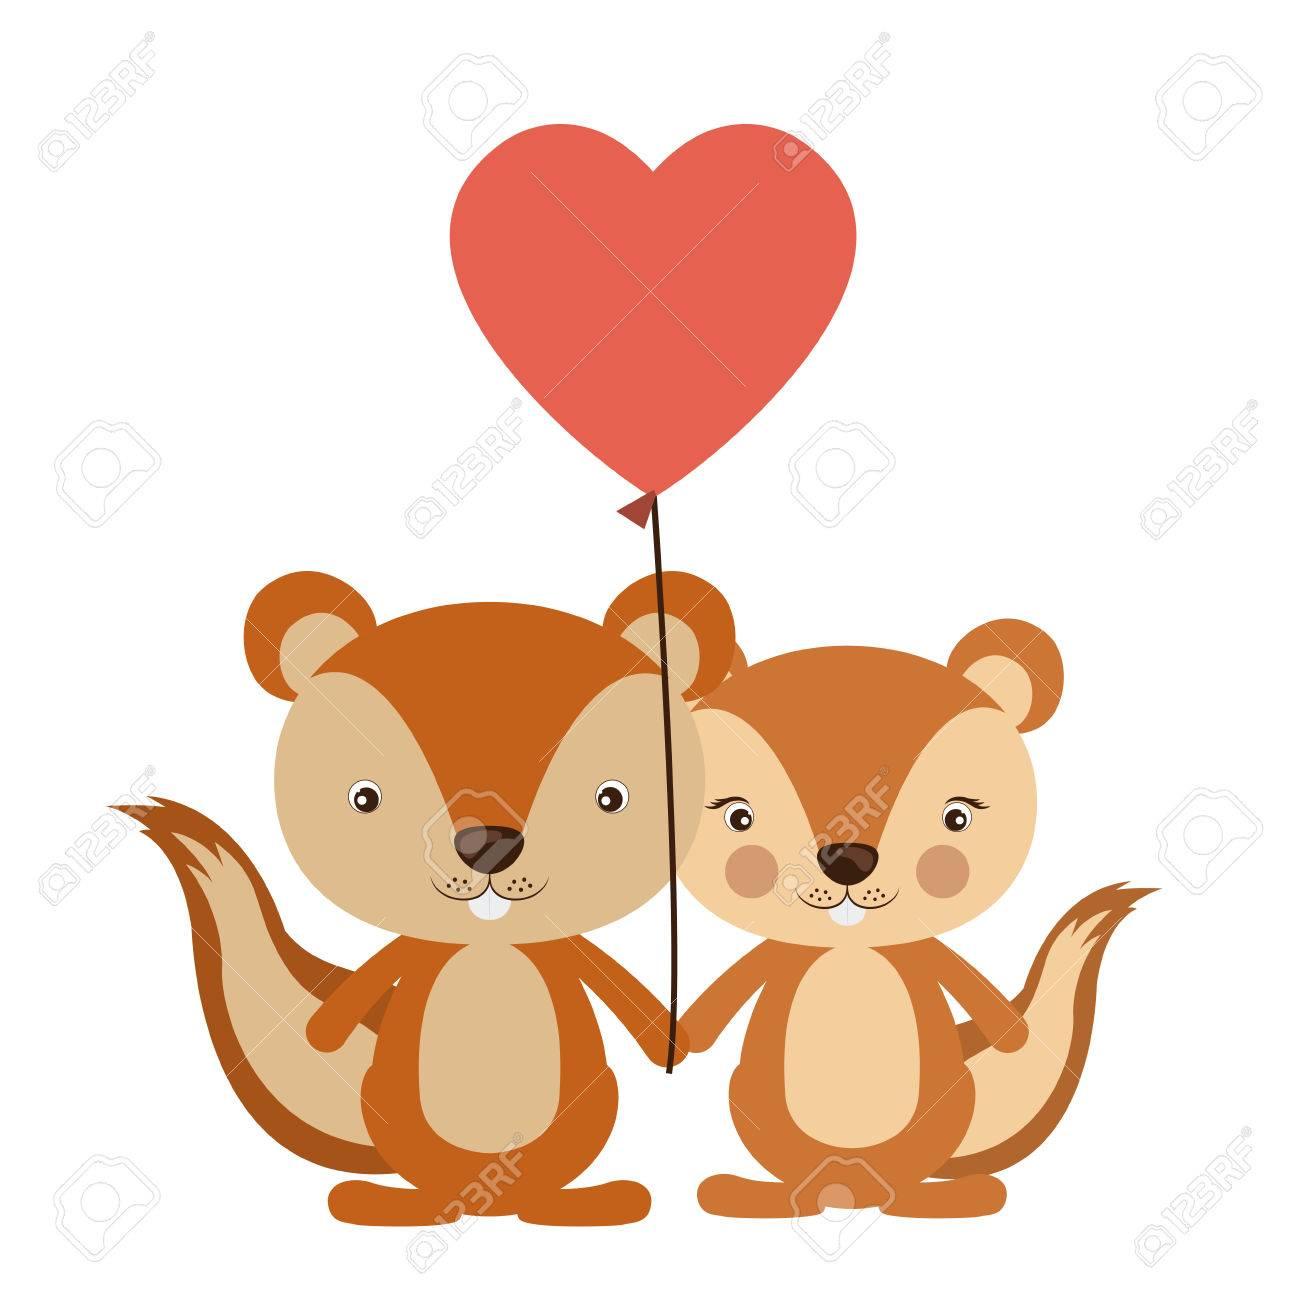 De Dibujos Animados Ardilla En Icono Del Amor Animal Lindo Adorable